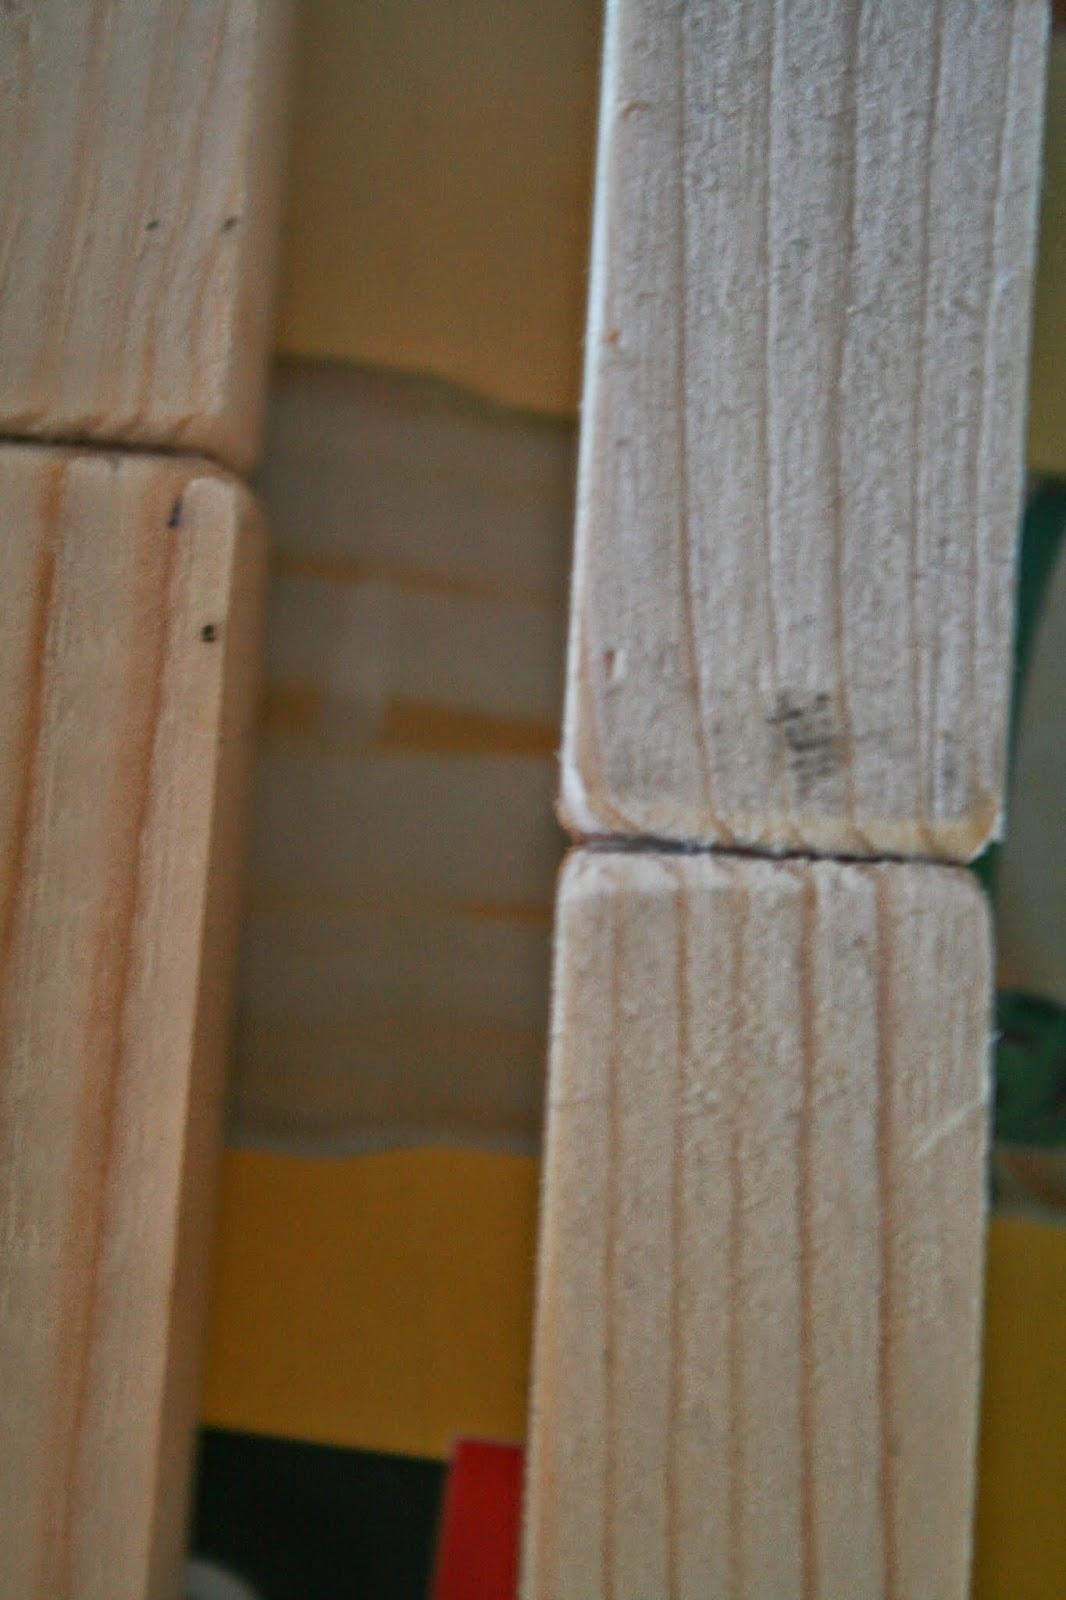 Cabecero cama reciclado, cabecero de madera reciclado, diy cabecero, diy fácil, diy en casa, decoración en madera, decoración habitación, DIY, hazlo tu mismo, hagalo usted mismo, do it yourself bedroom, muebles para una habitación pequeña, manualidades para tu habitación, proyectos diy, manualidades para casa